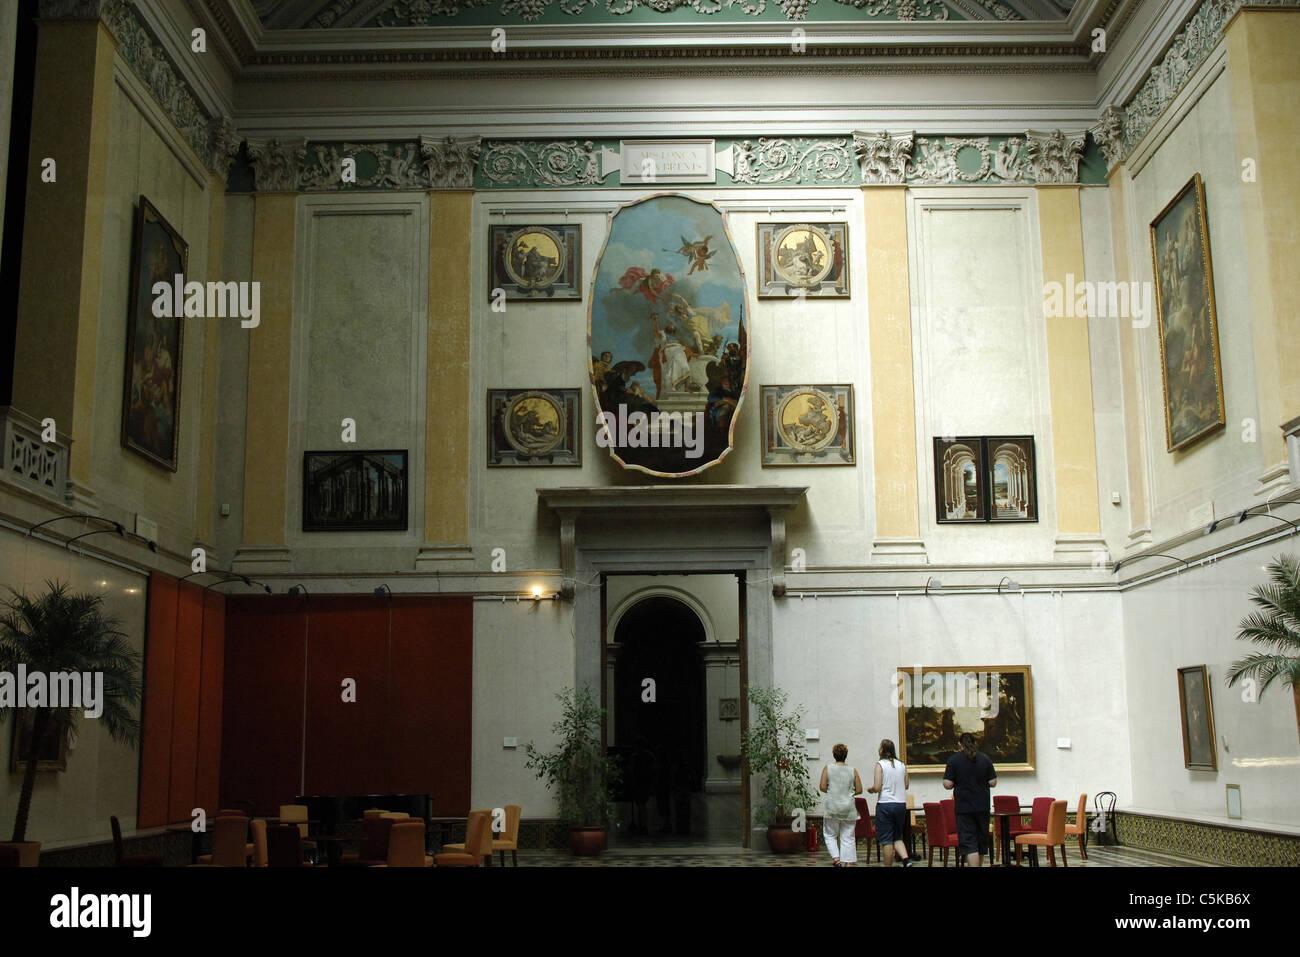 Museo di Belle Arti. Interno. Budapest. Ungheria. Immagini Stock